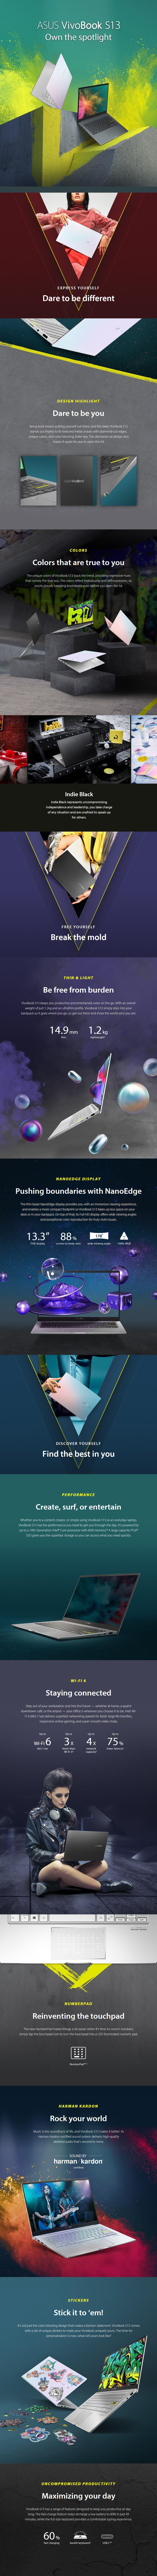 asus-vivobook-s13-s333jp-133-laptop-i51035g1-8gb-512gb-mx330-w10p-ac33625-10-2-.jpg